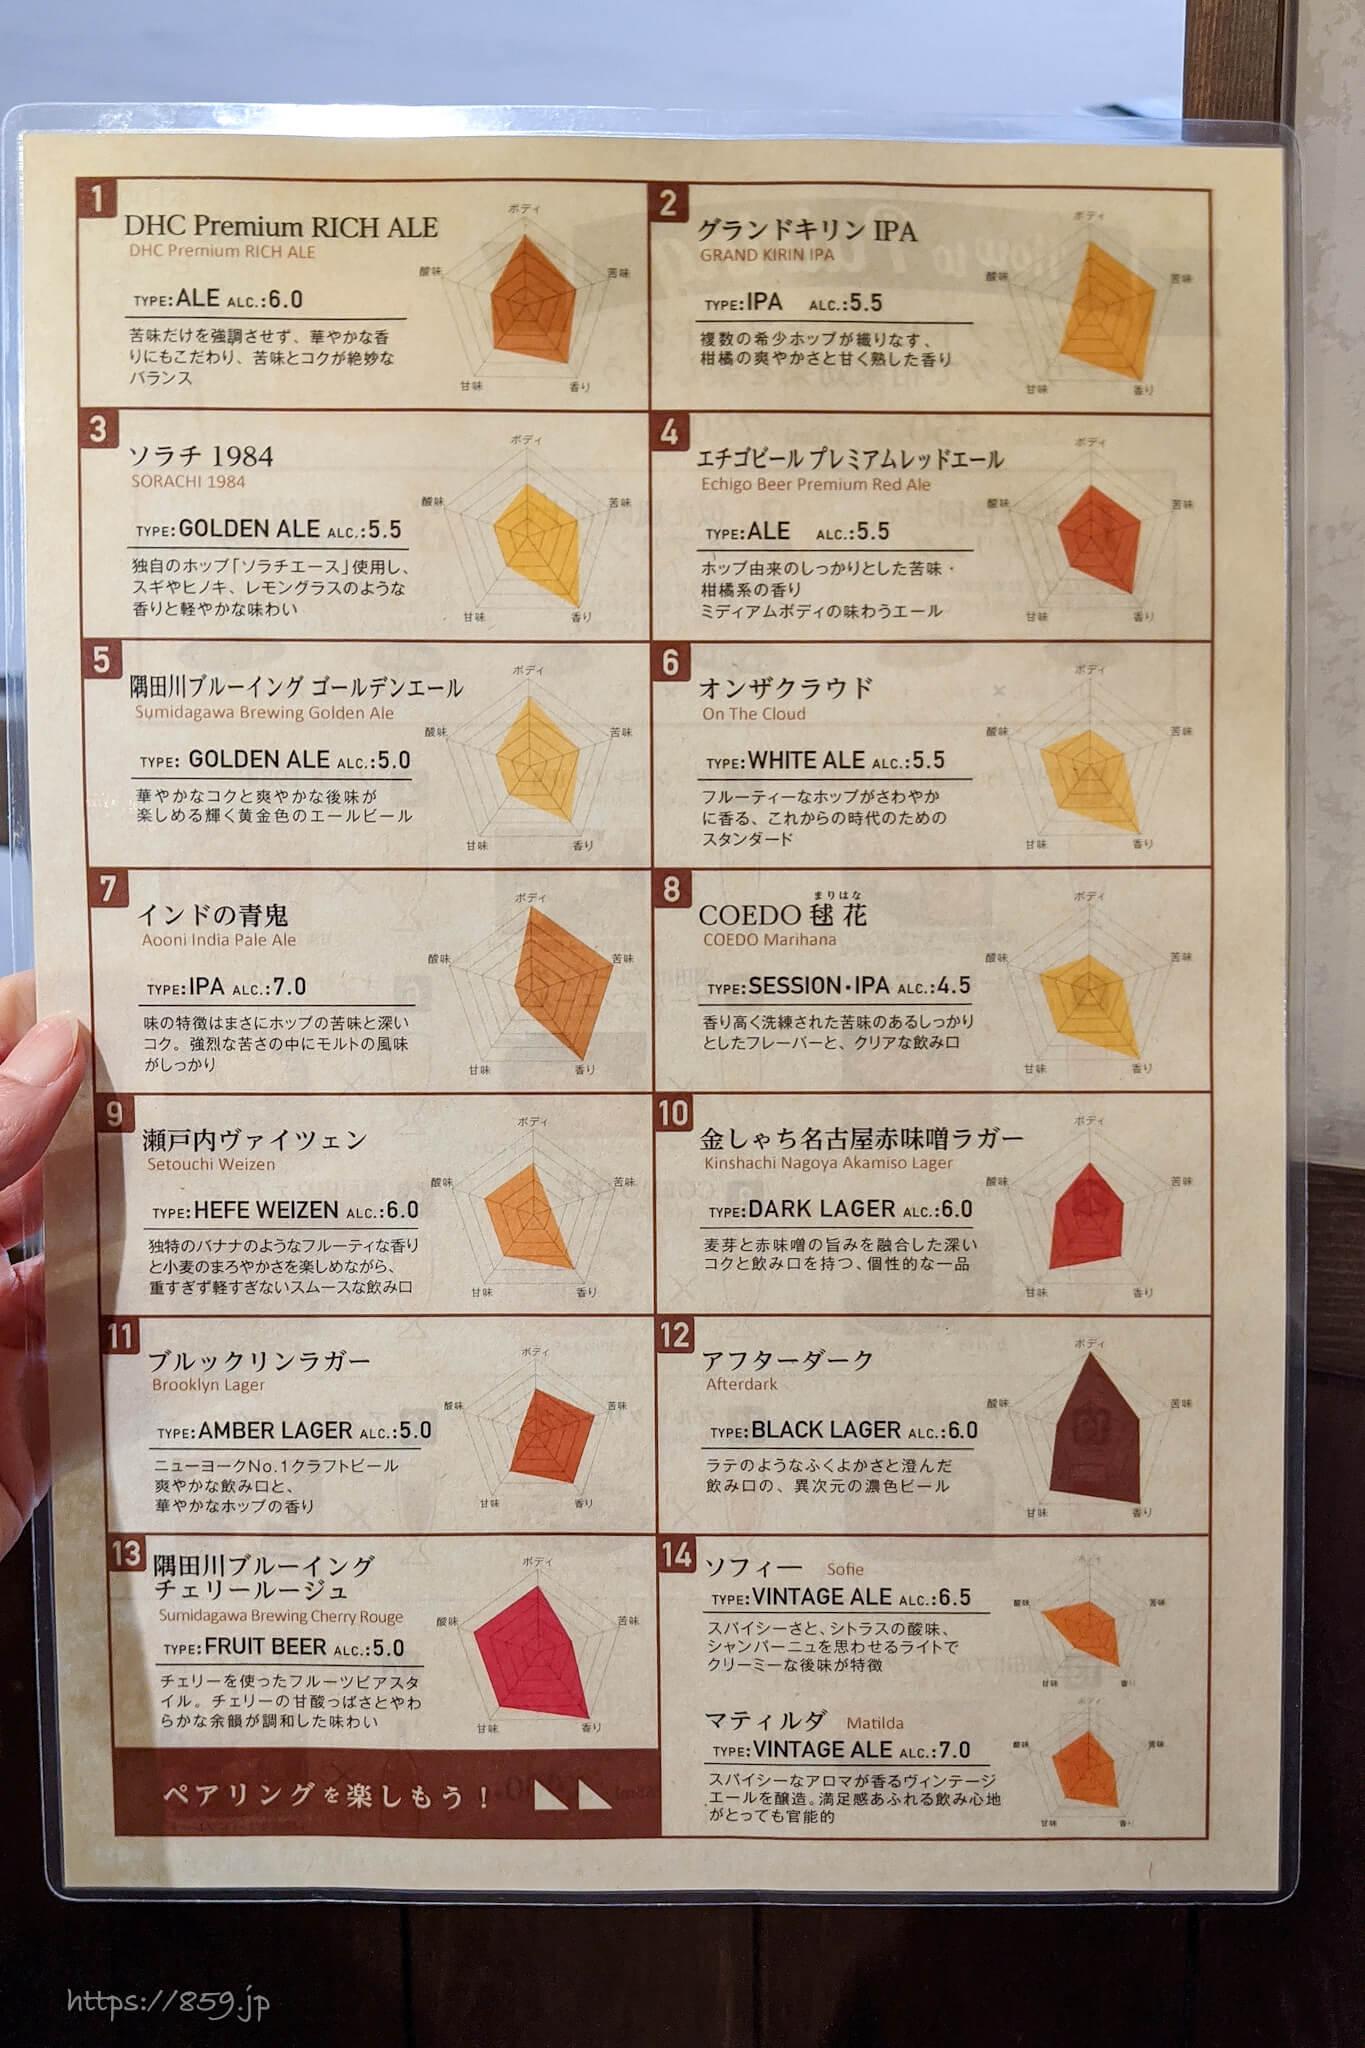 札幌キッチンのランチでクラフトビール飲み比べ旧アイリッシュパブケルツ15種類のクラフトビールメニュー味の比較表